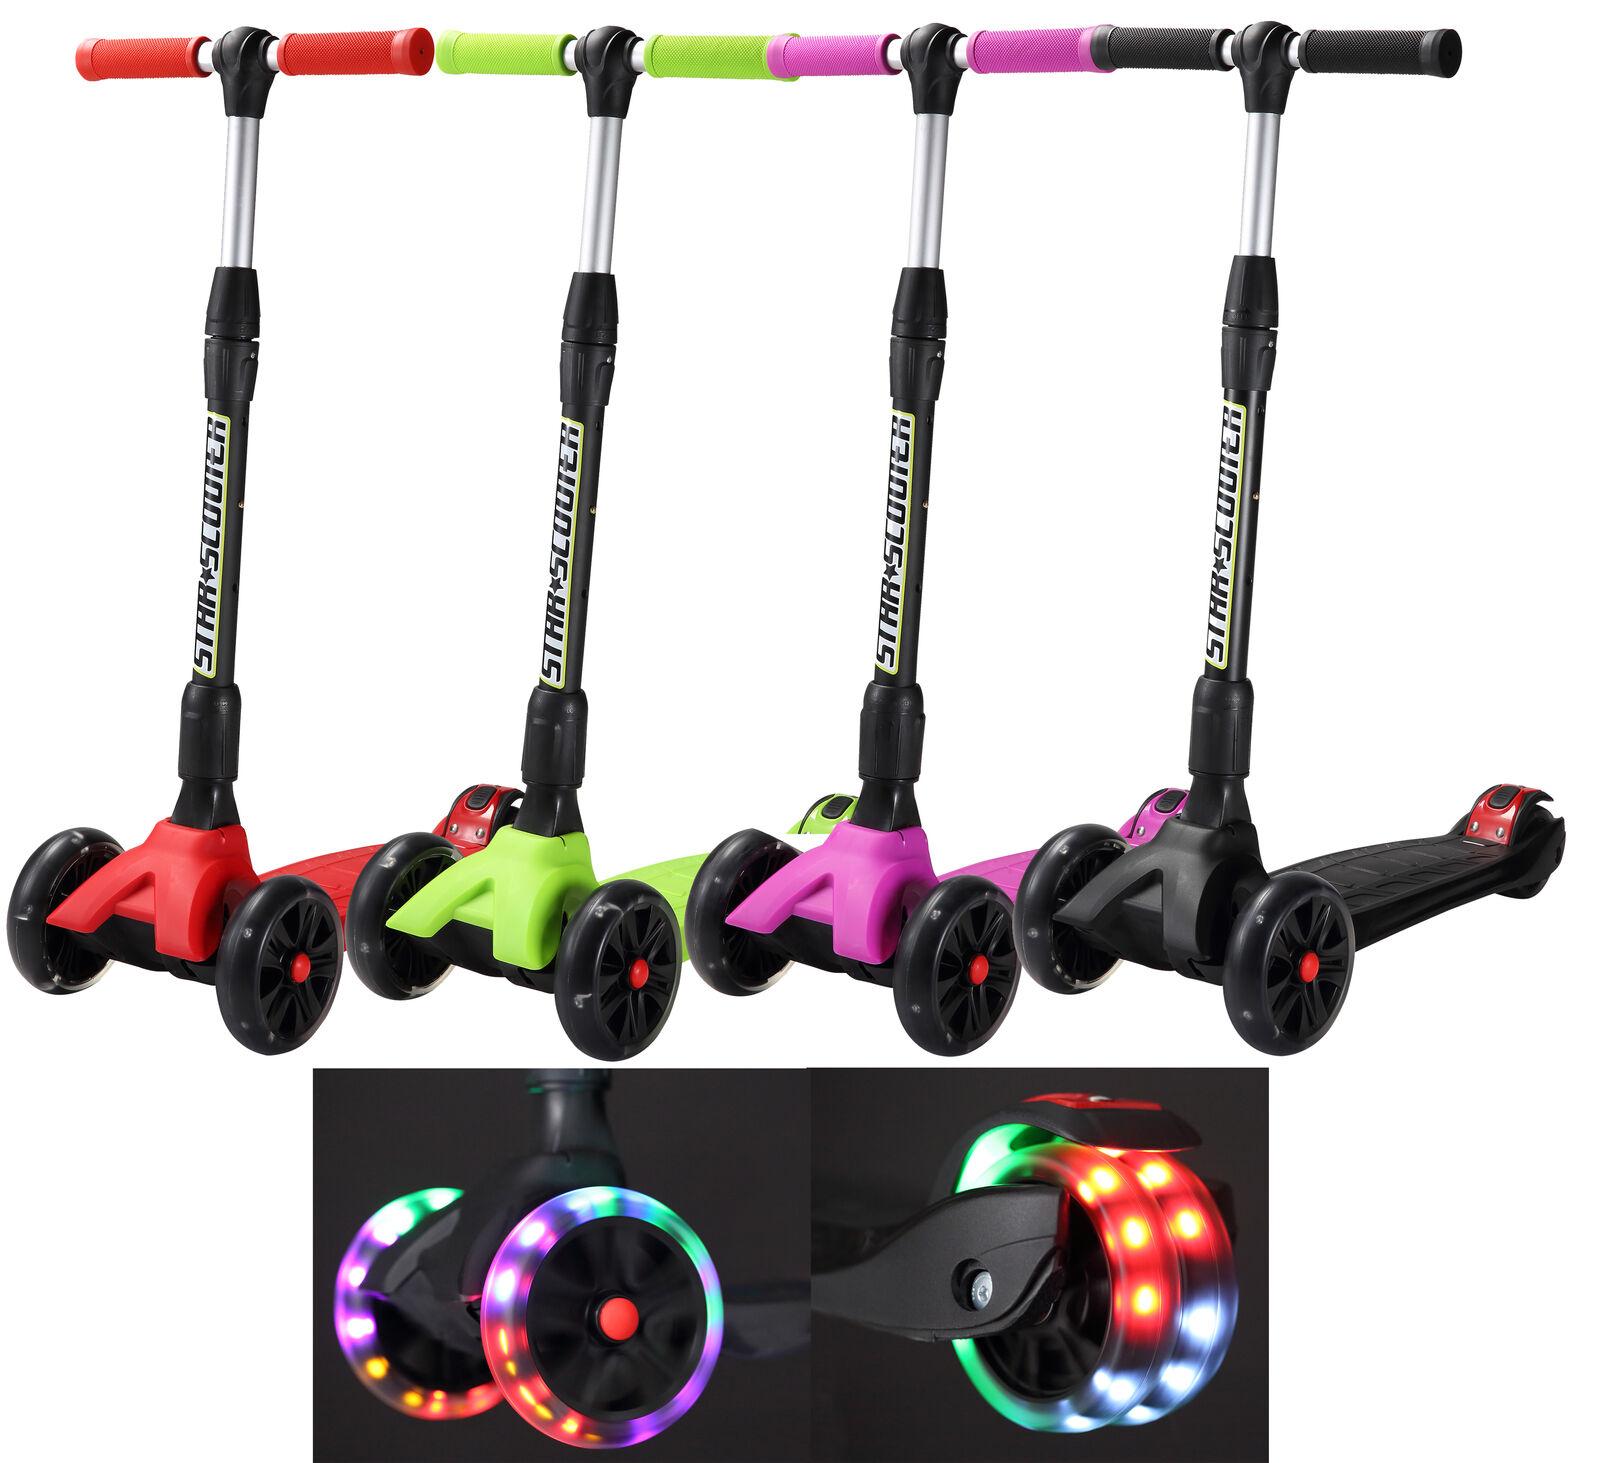 STAR-SCOOTER Dreiradscooter Kinderroller Cityroller Tretroller LED Rollen ab 7 J